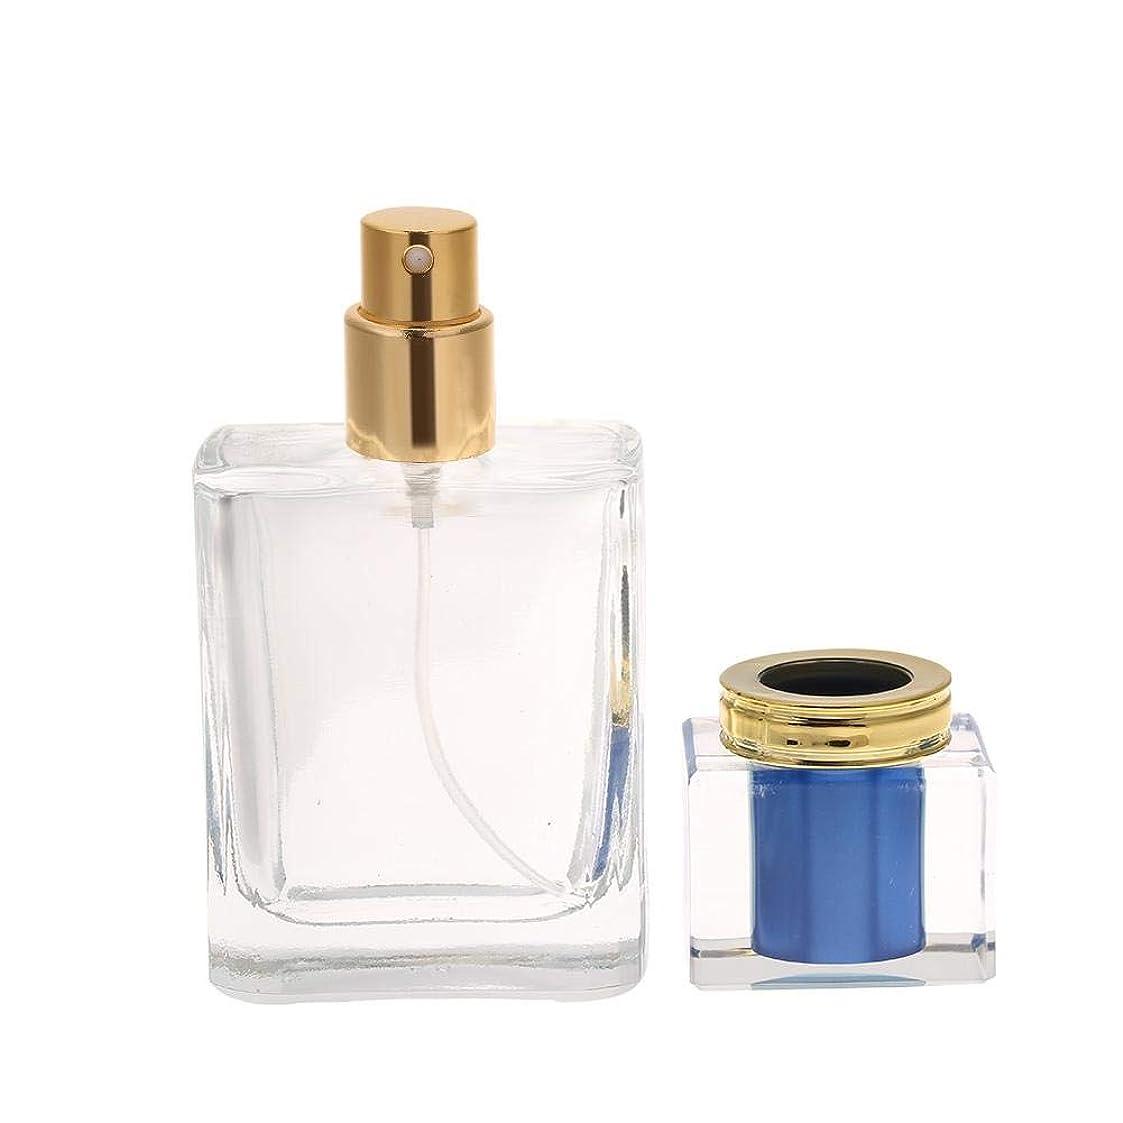 取り囲むワゴン行為Ochun 香水アトマイザー 香水スプレーボトル 詰め替えボトル 50ml 小分けアトマイザー 香水/化粧水容器 旅行ポータブル(ブルー)